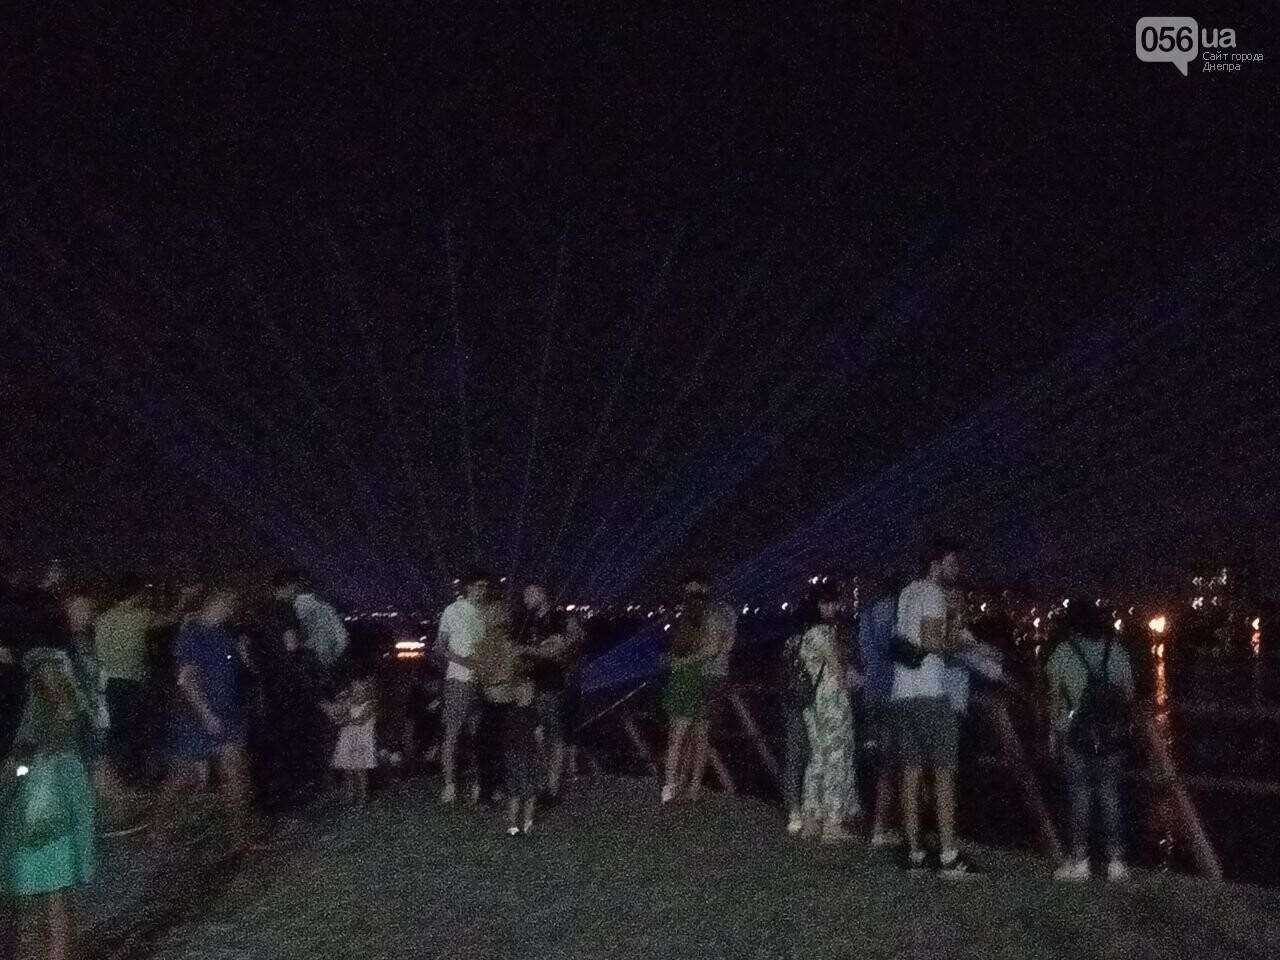 В Днепре возле Фестивального причала засветилась река, - ФОТО, ВИДЕО, фото-12